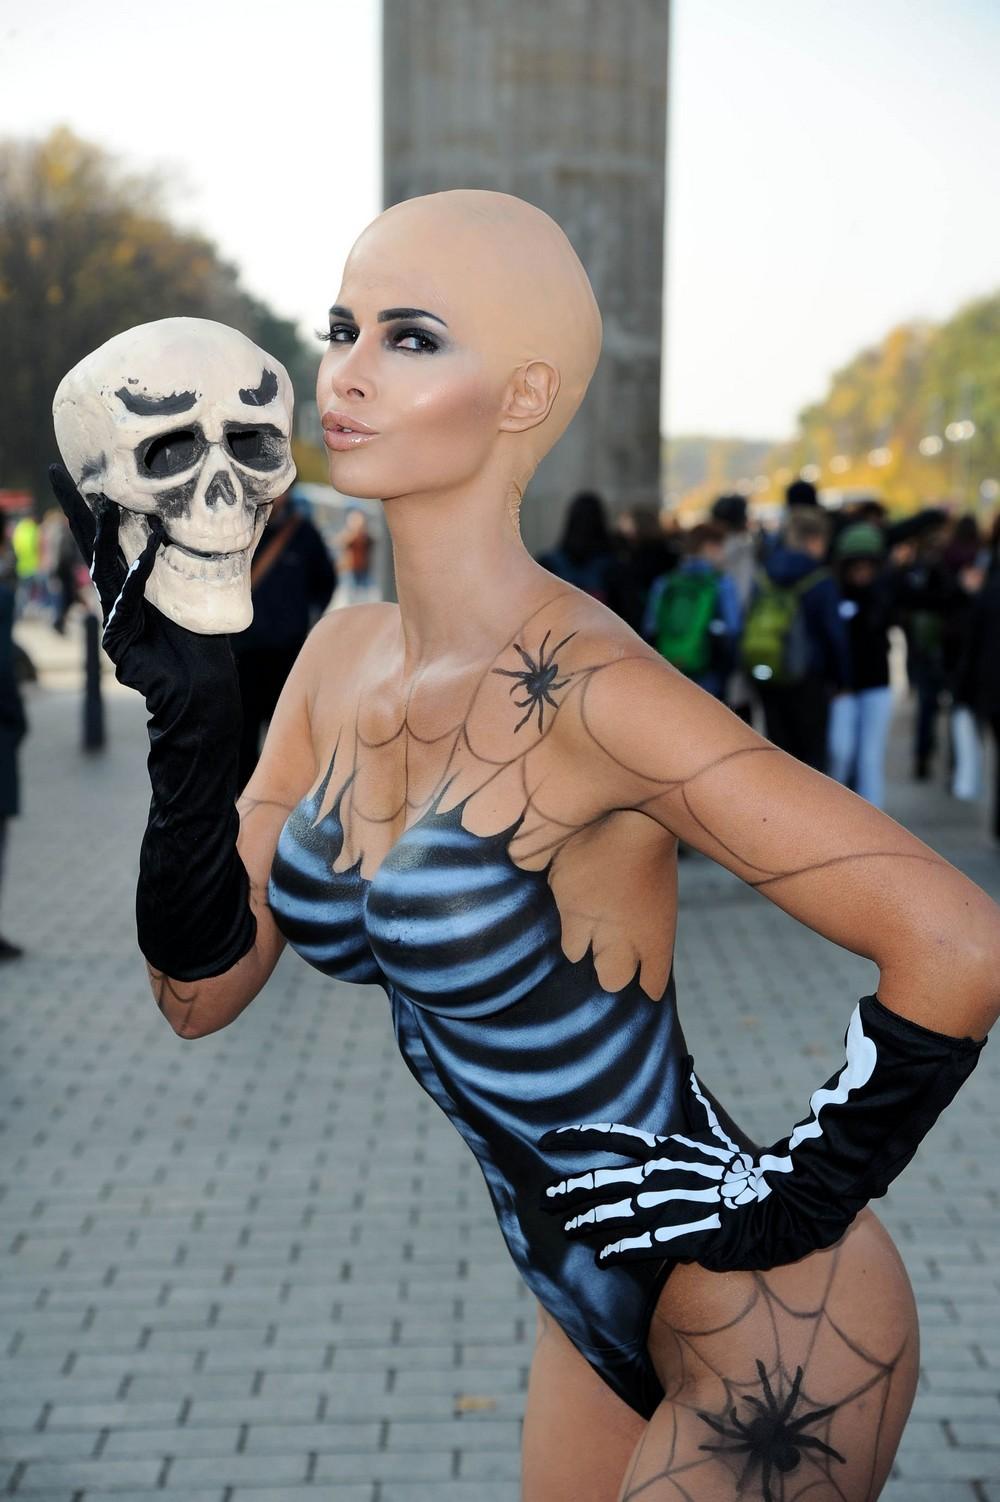 Модель провела фотосессию в центре берлина